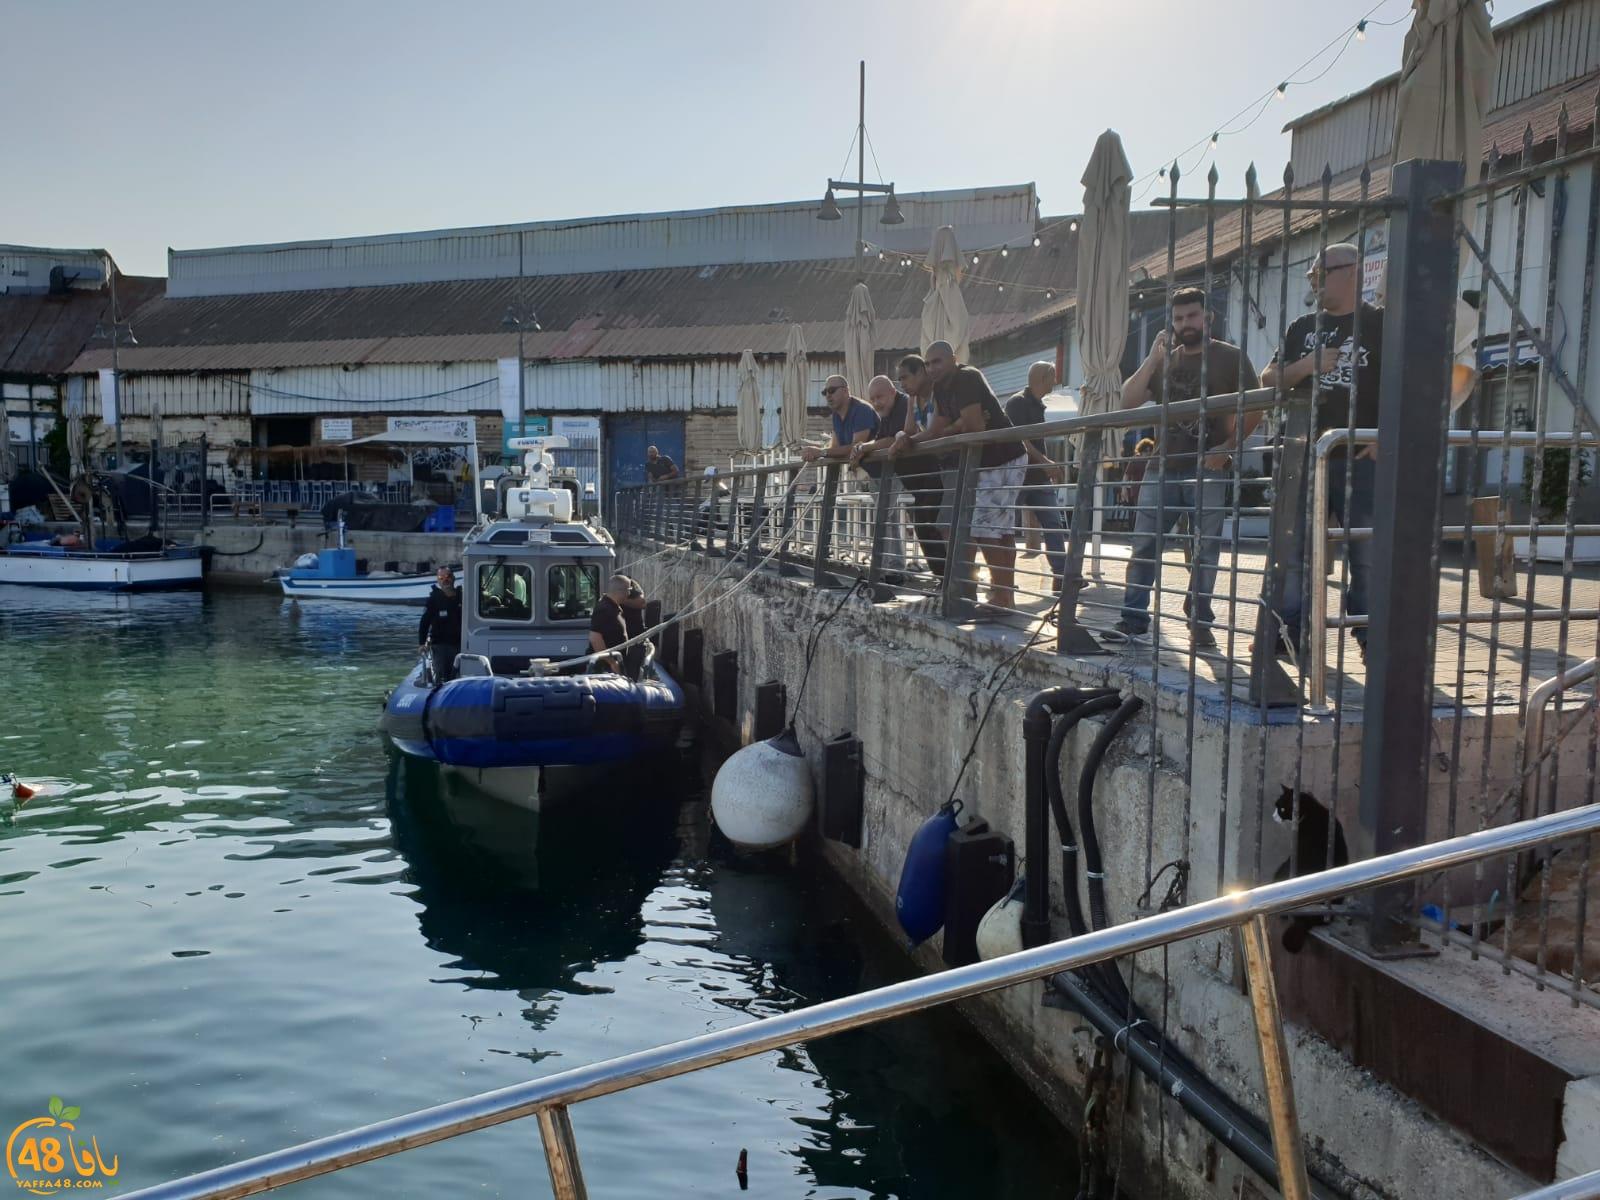 الشرطة تشن حملة تفتيش على قوارب الصيادين في ميناء يافا